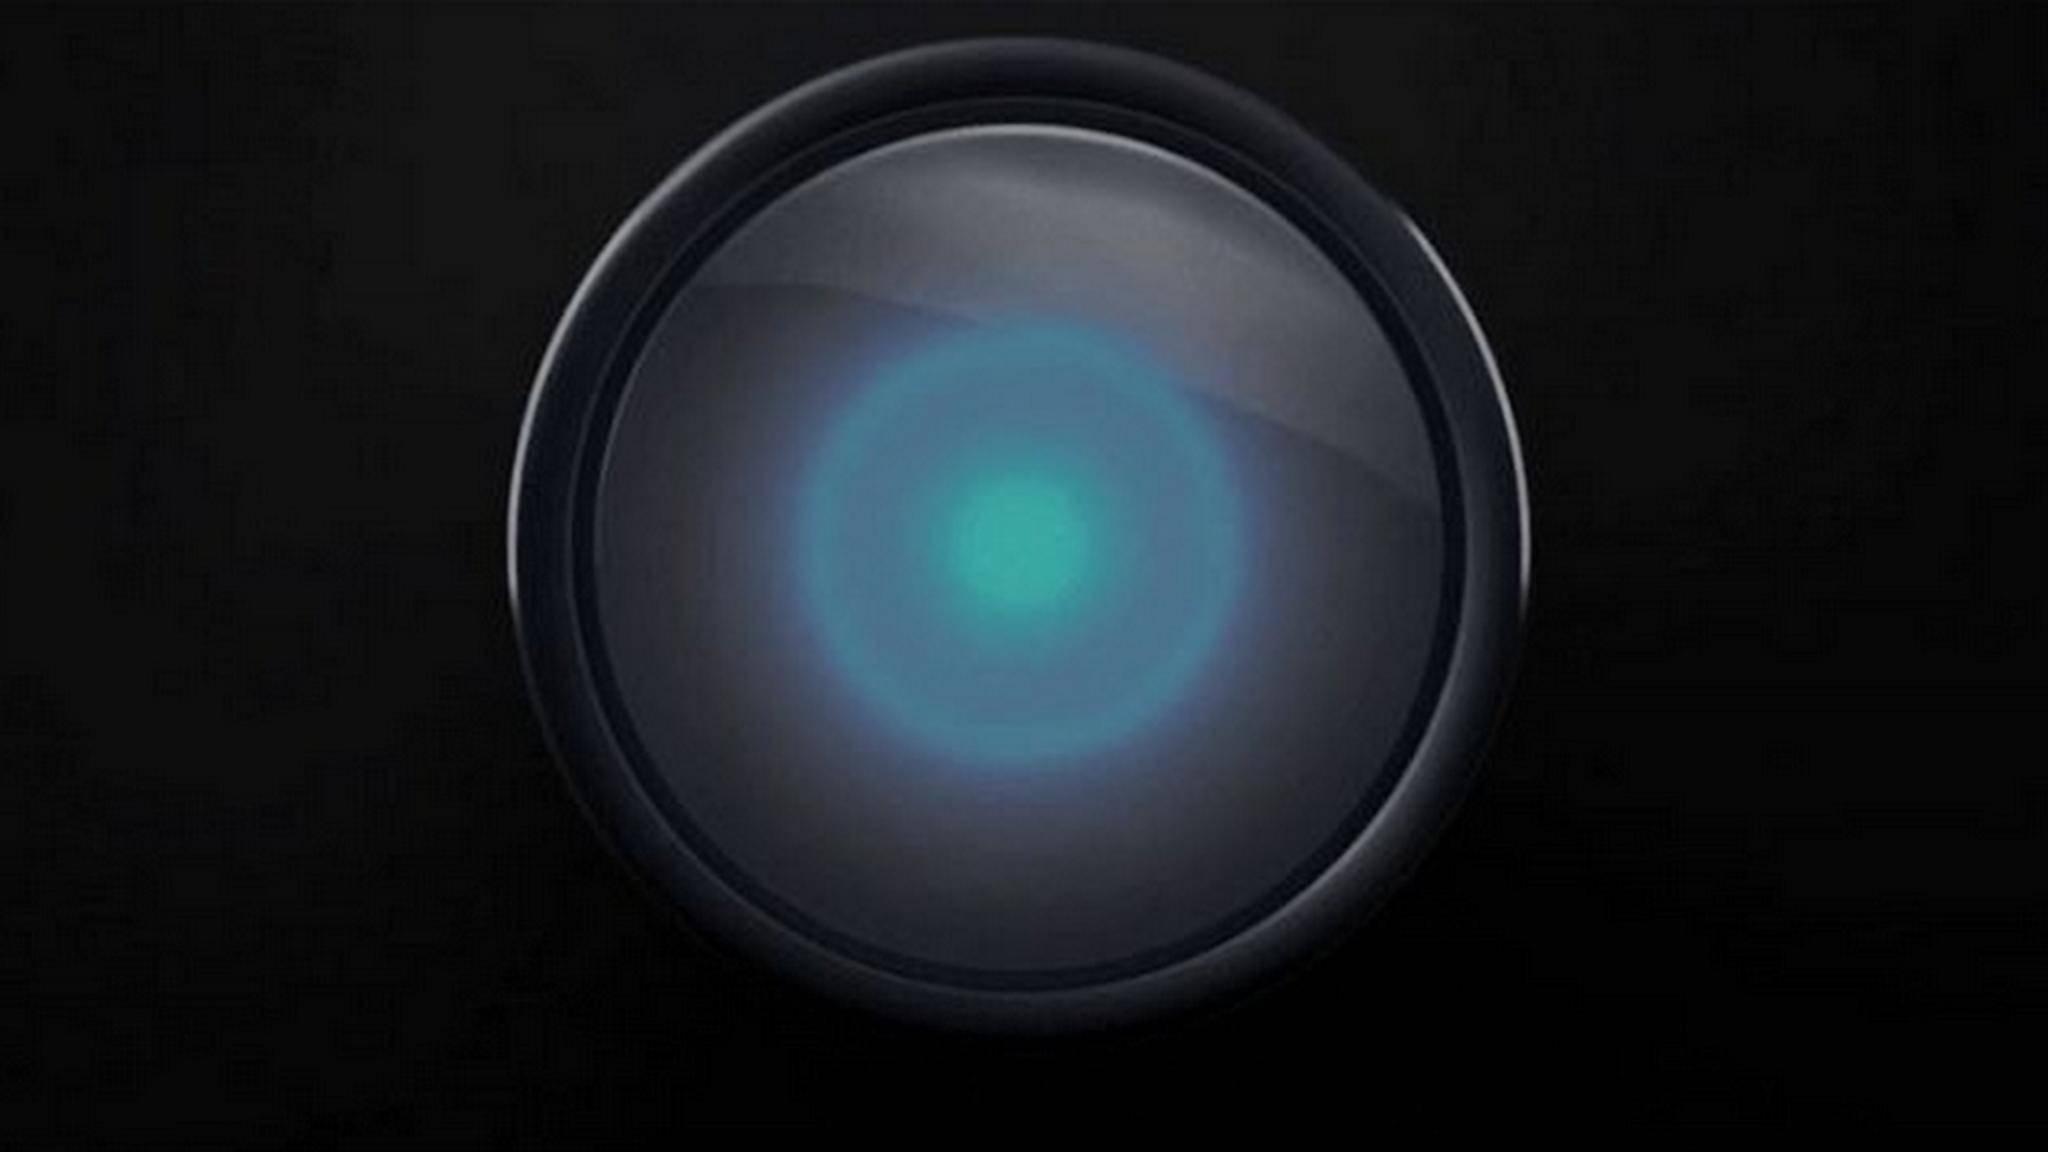 Der Lautsprecher von Harman Kardon verfügt über eine Cortana-Sprachsteuerung.